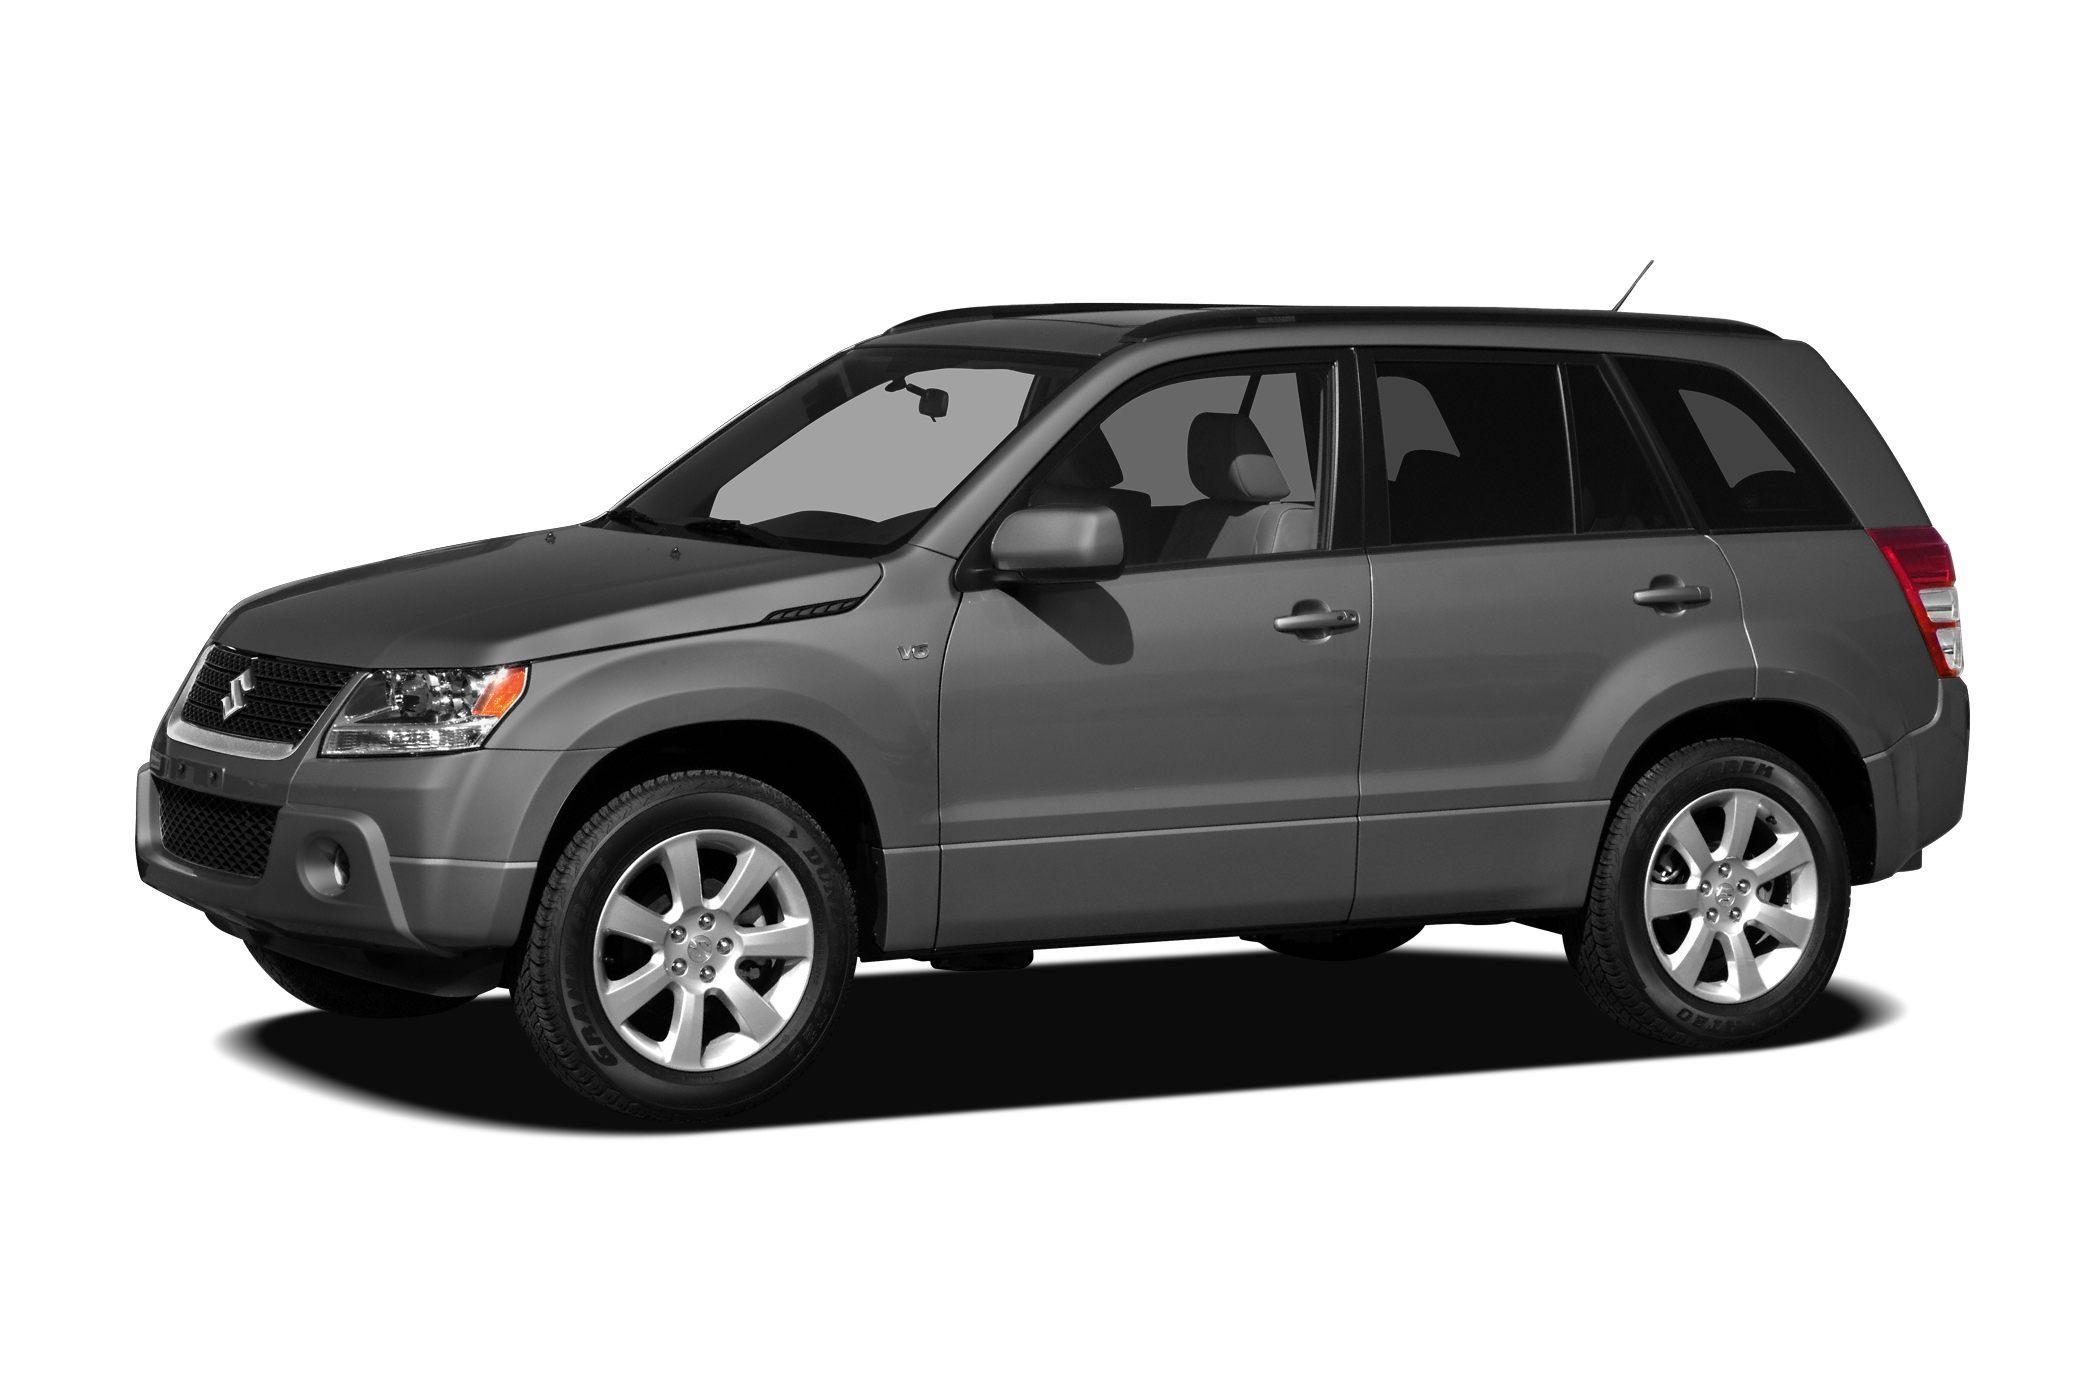 2012 Suzuki Grand Vitara Premium SUV for sale in Boulder for $15,988 with 12,235 miles.